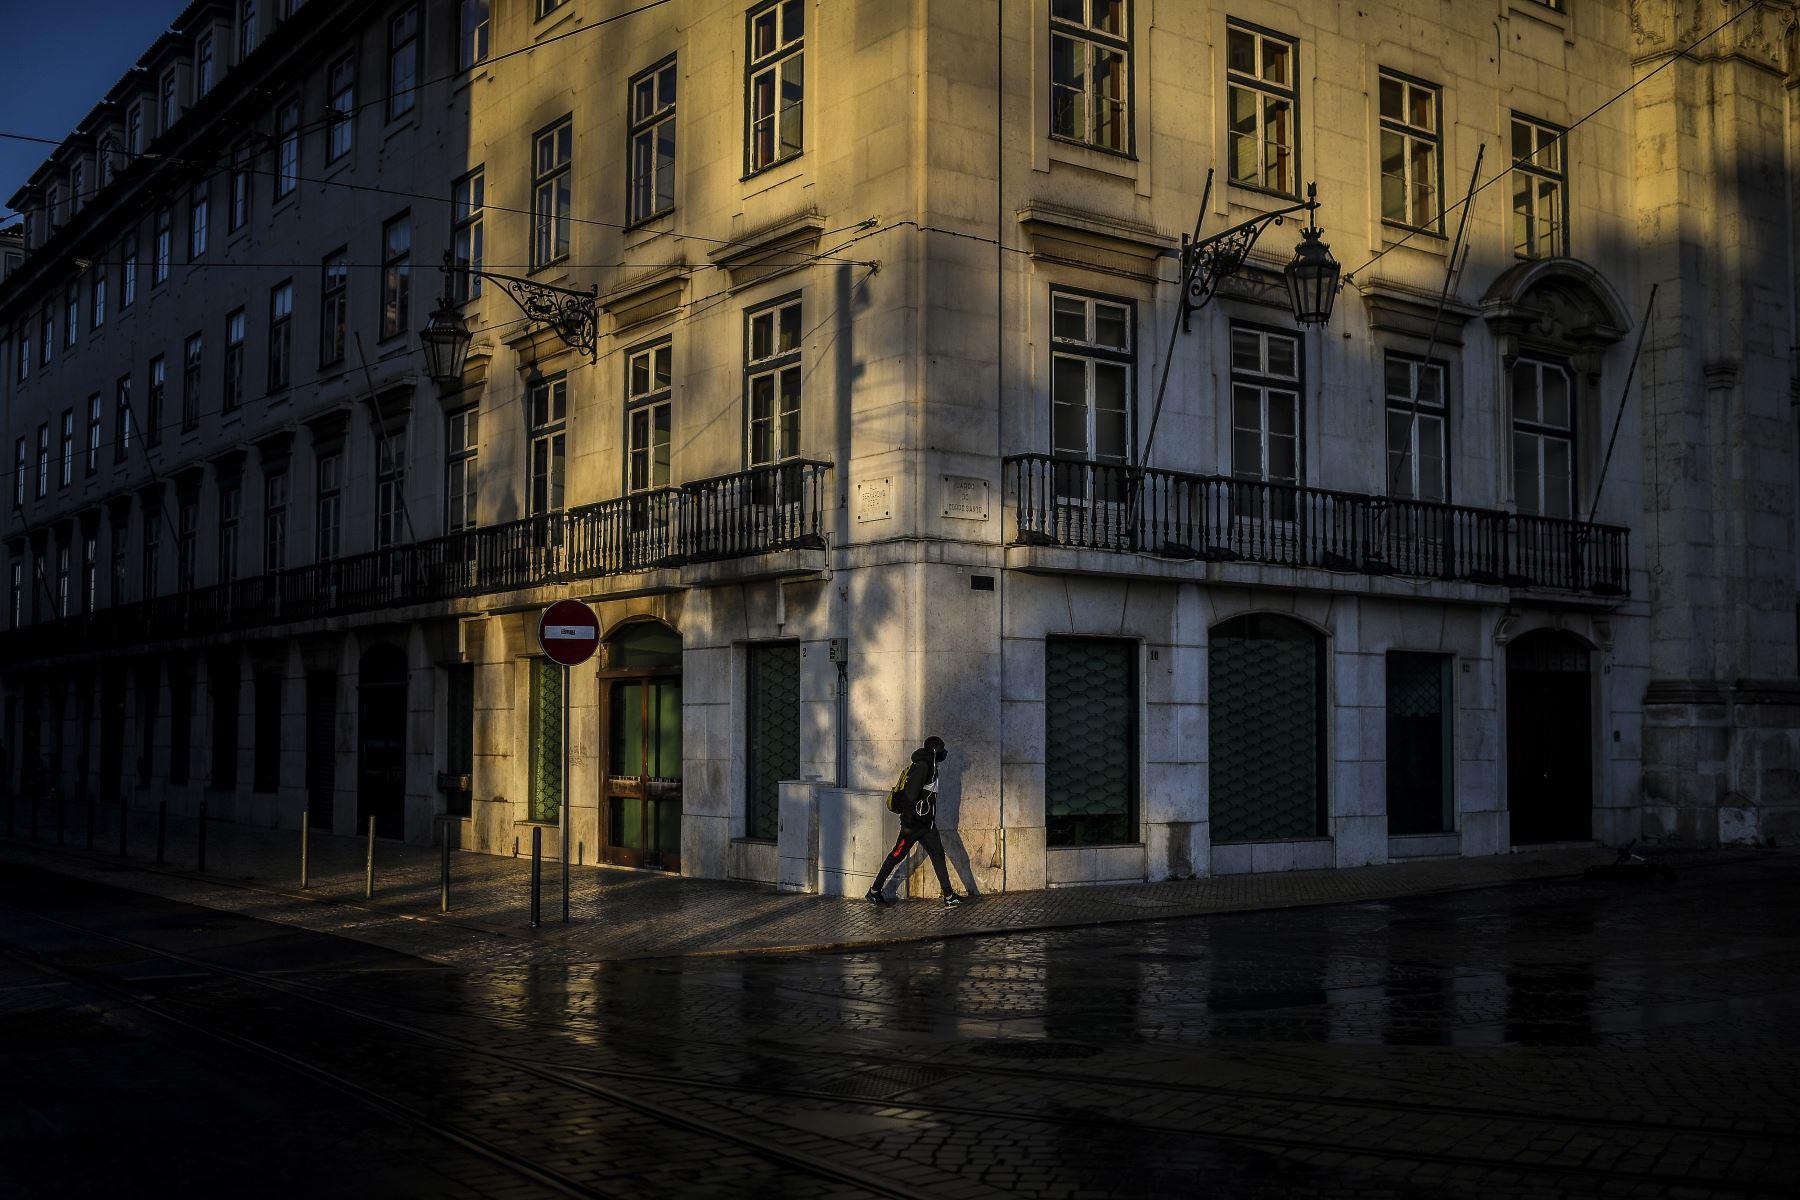 Un hombre camina por las calles vacías de Lisboa, Portugal entró en un nuevo bloqueo por un aumento en los casos de coronavirus. El nuevo coronavirus ha matado al menos a 1,994,833 personas. Foto: AFP